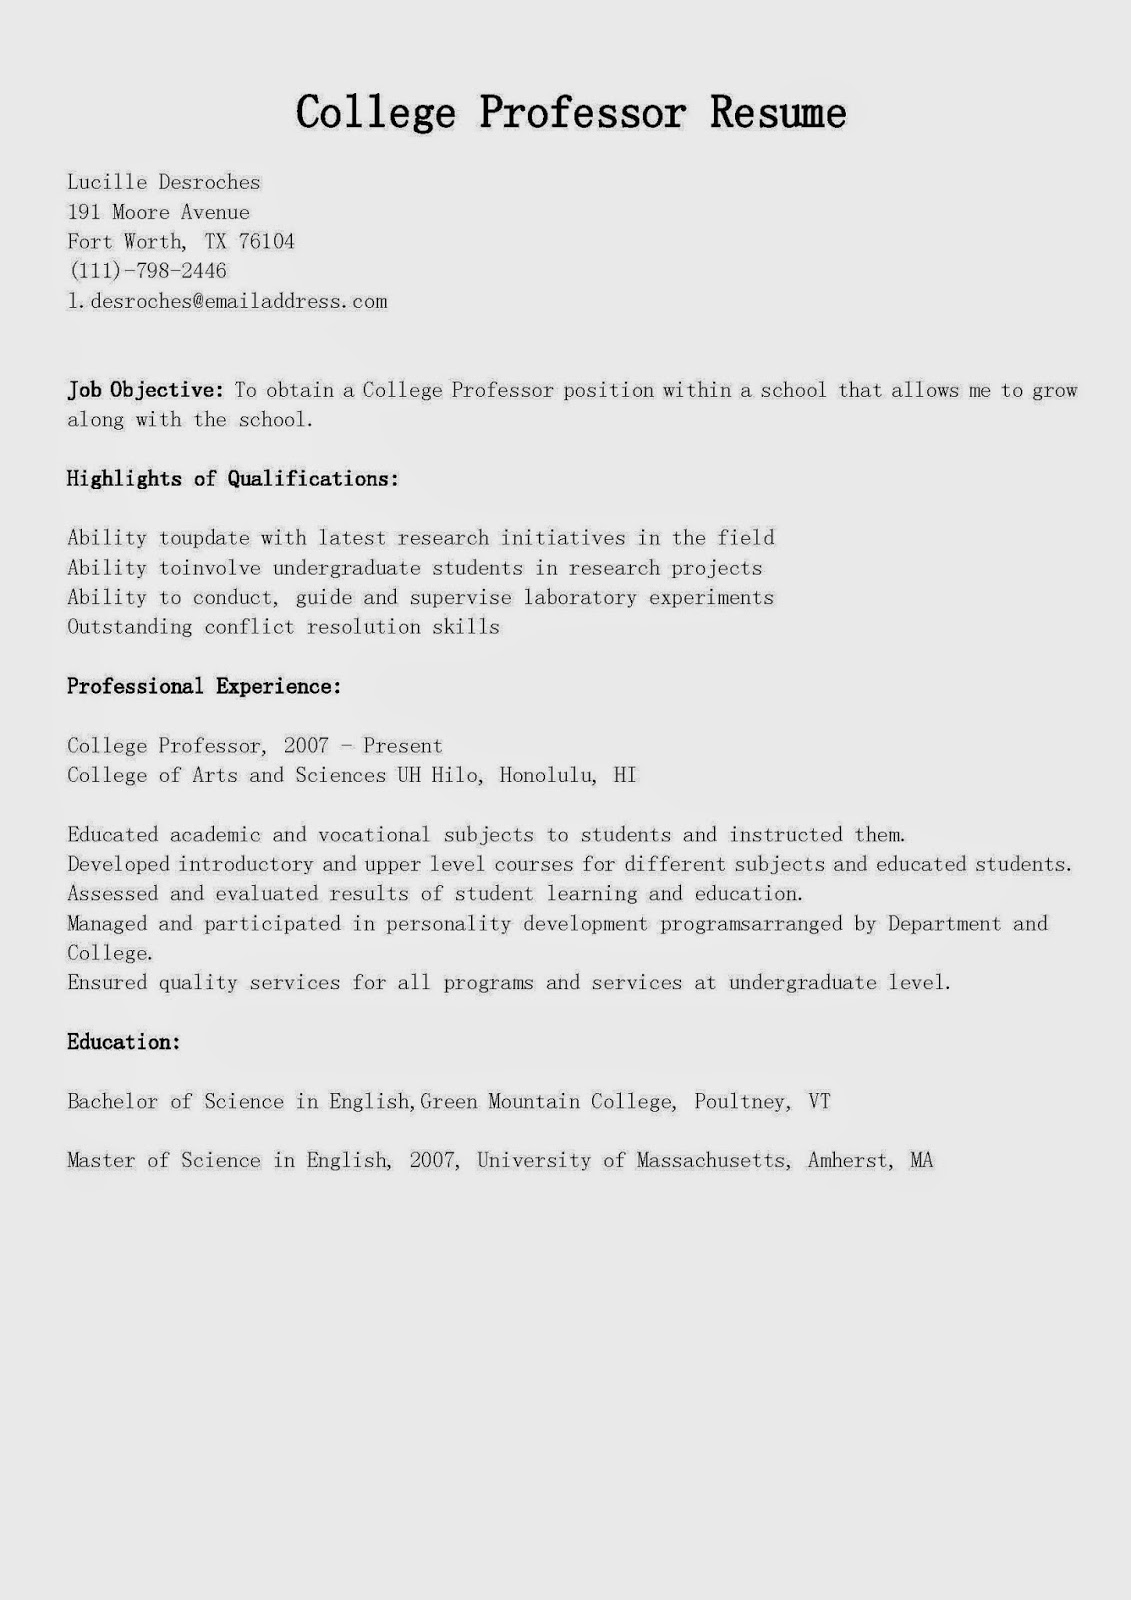 Sample Cover Letter For Adjunct Professor Position